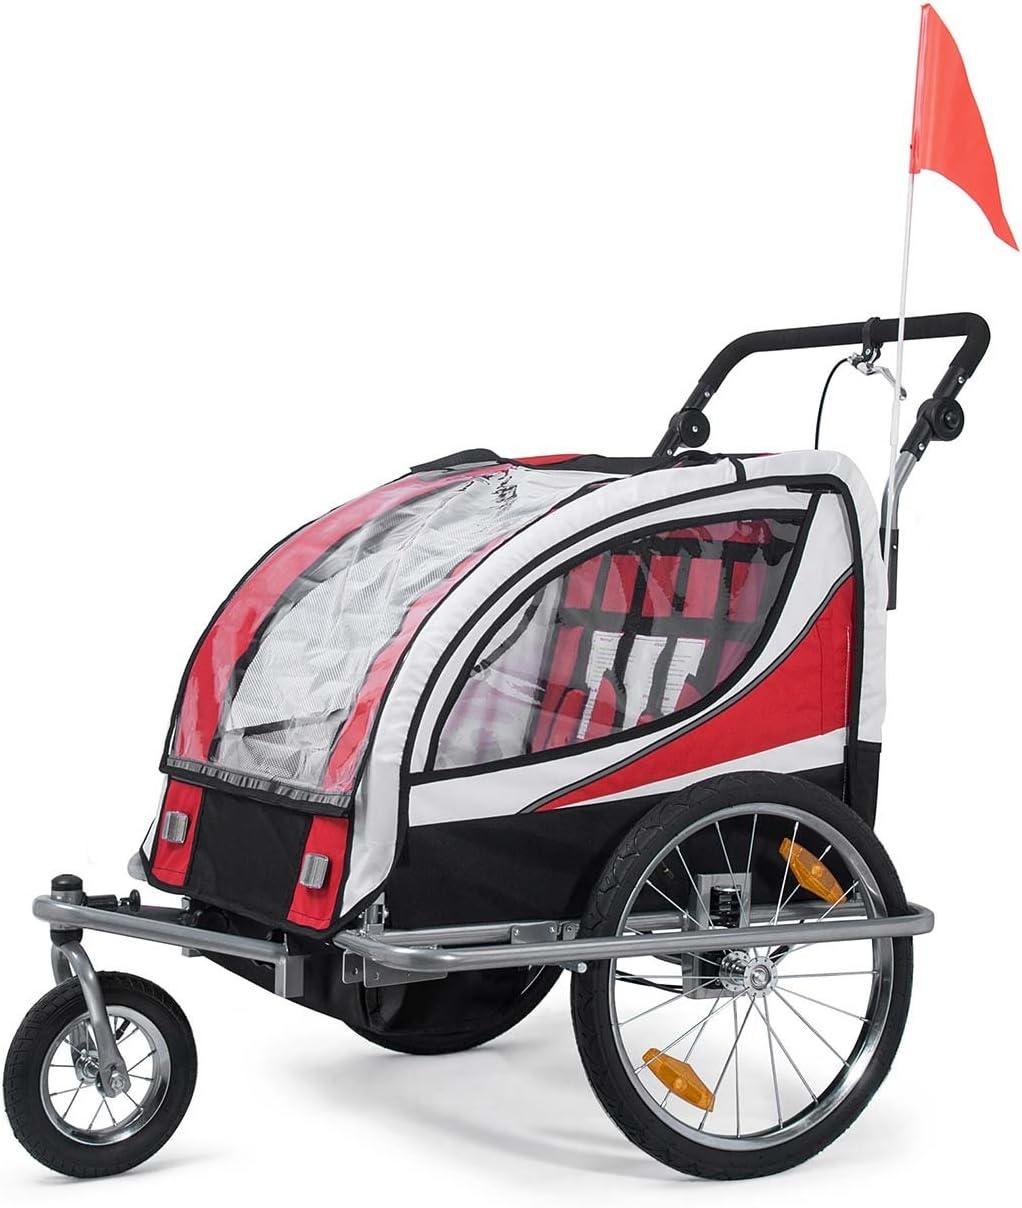 Silver Frame SAMAX Remorque V/élo convertible Jogger 2en1 360/° rotatif Pour 2 Enfants Amortisseur Transport Poussette en Bleu